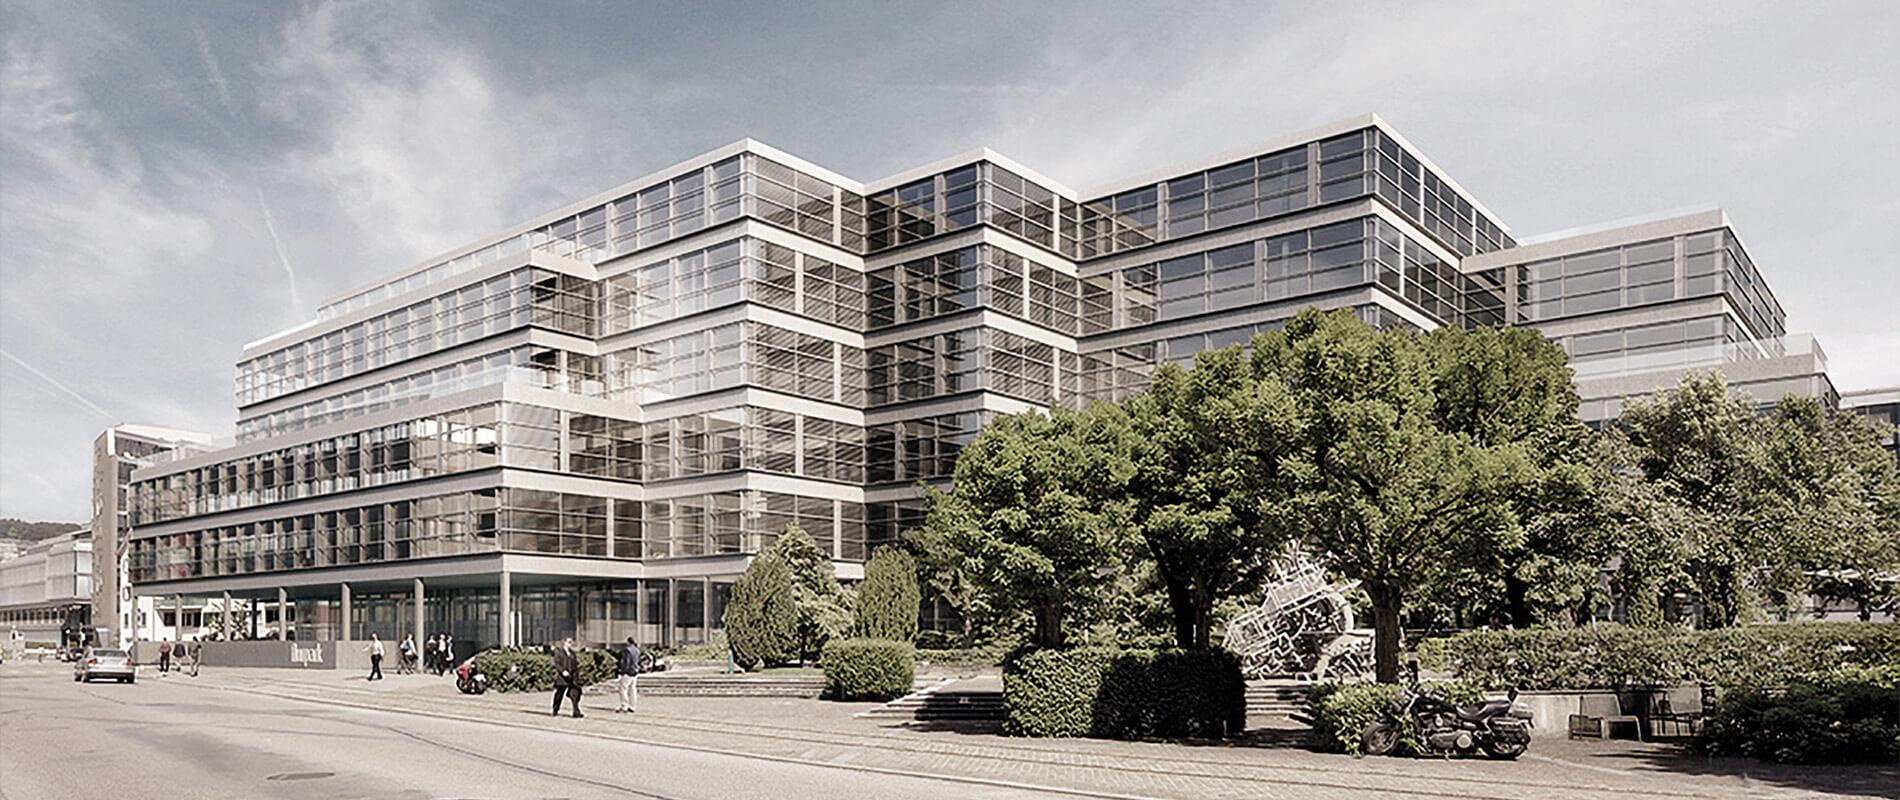 Medienpark Zürich: 20'000 Quadratmeter erneuert mit Minergie®-Standard |Referenz |Ettinger Partner